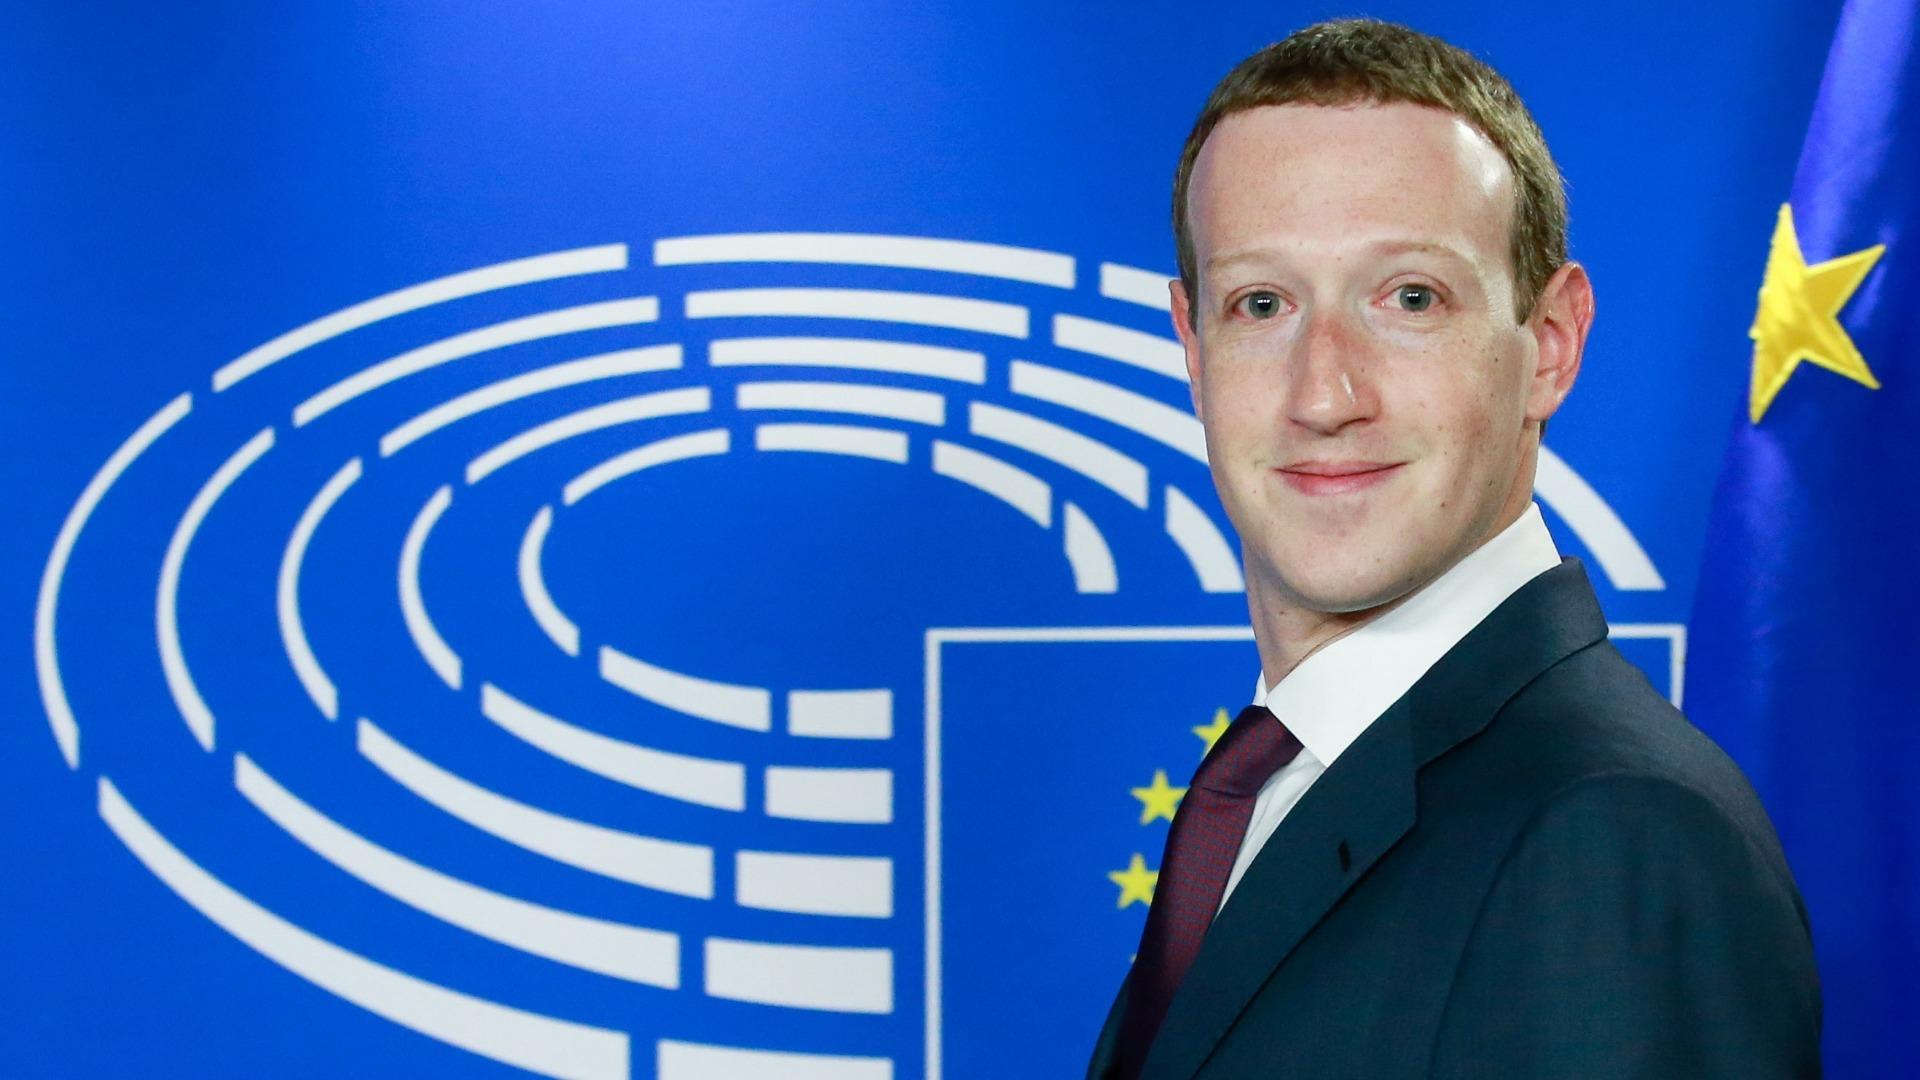 Зукърбърг се извини за скандала с изтичане на лични данни